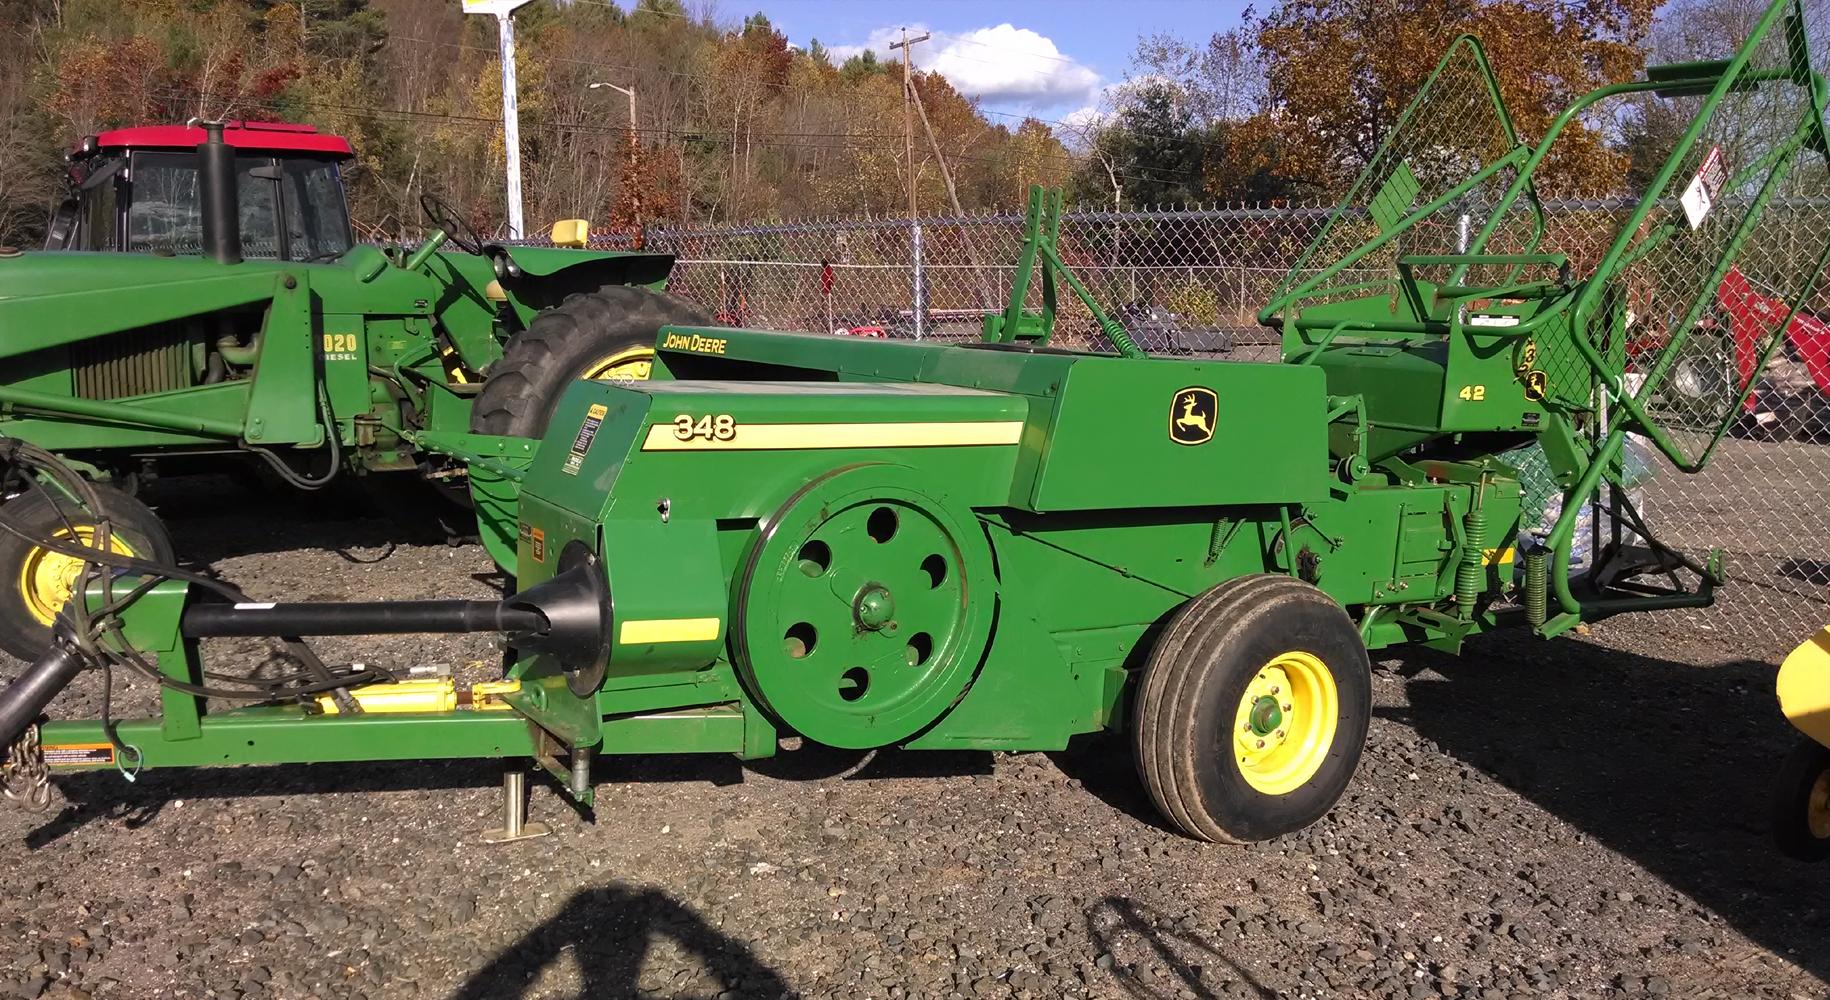 John Deere Baler Replacement Parts : Tractors equipment outdoor power tools service